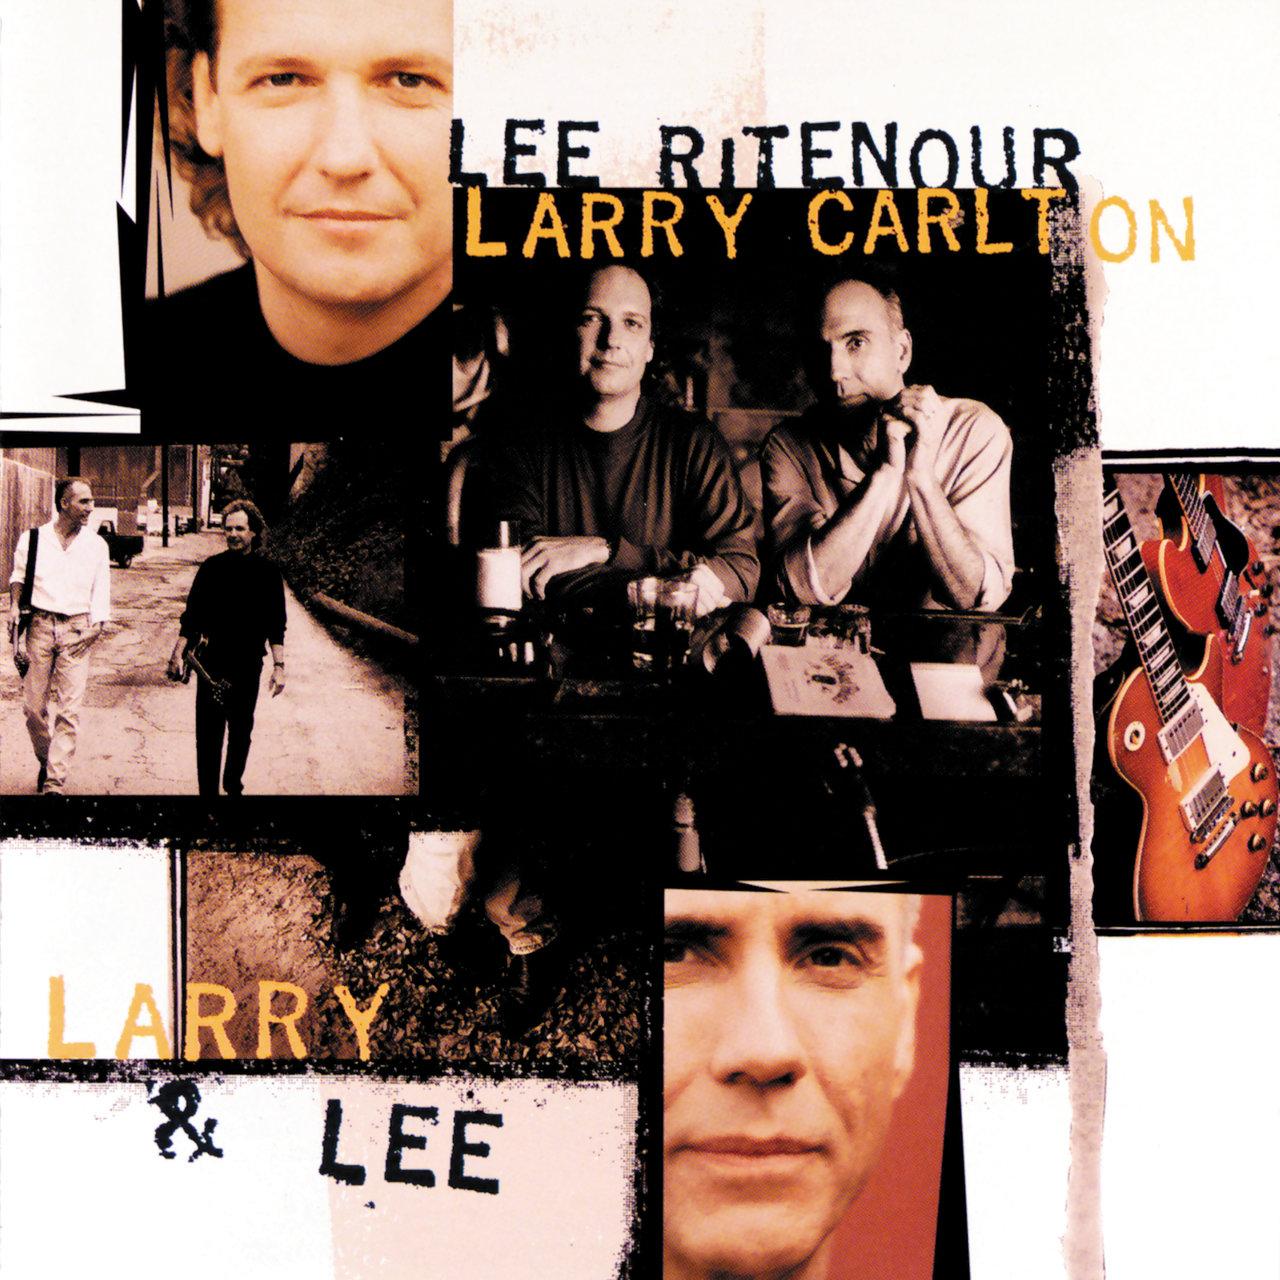 Ritenour Lee, Carlton Larry – Larry & Lee